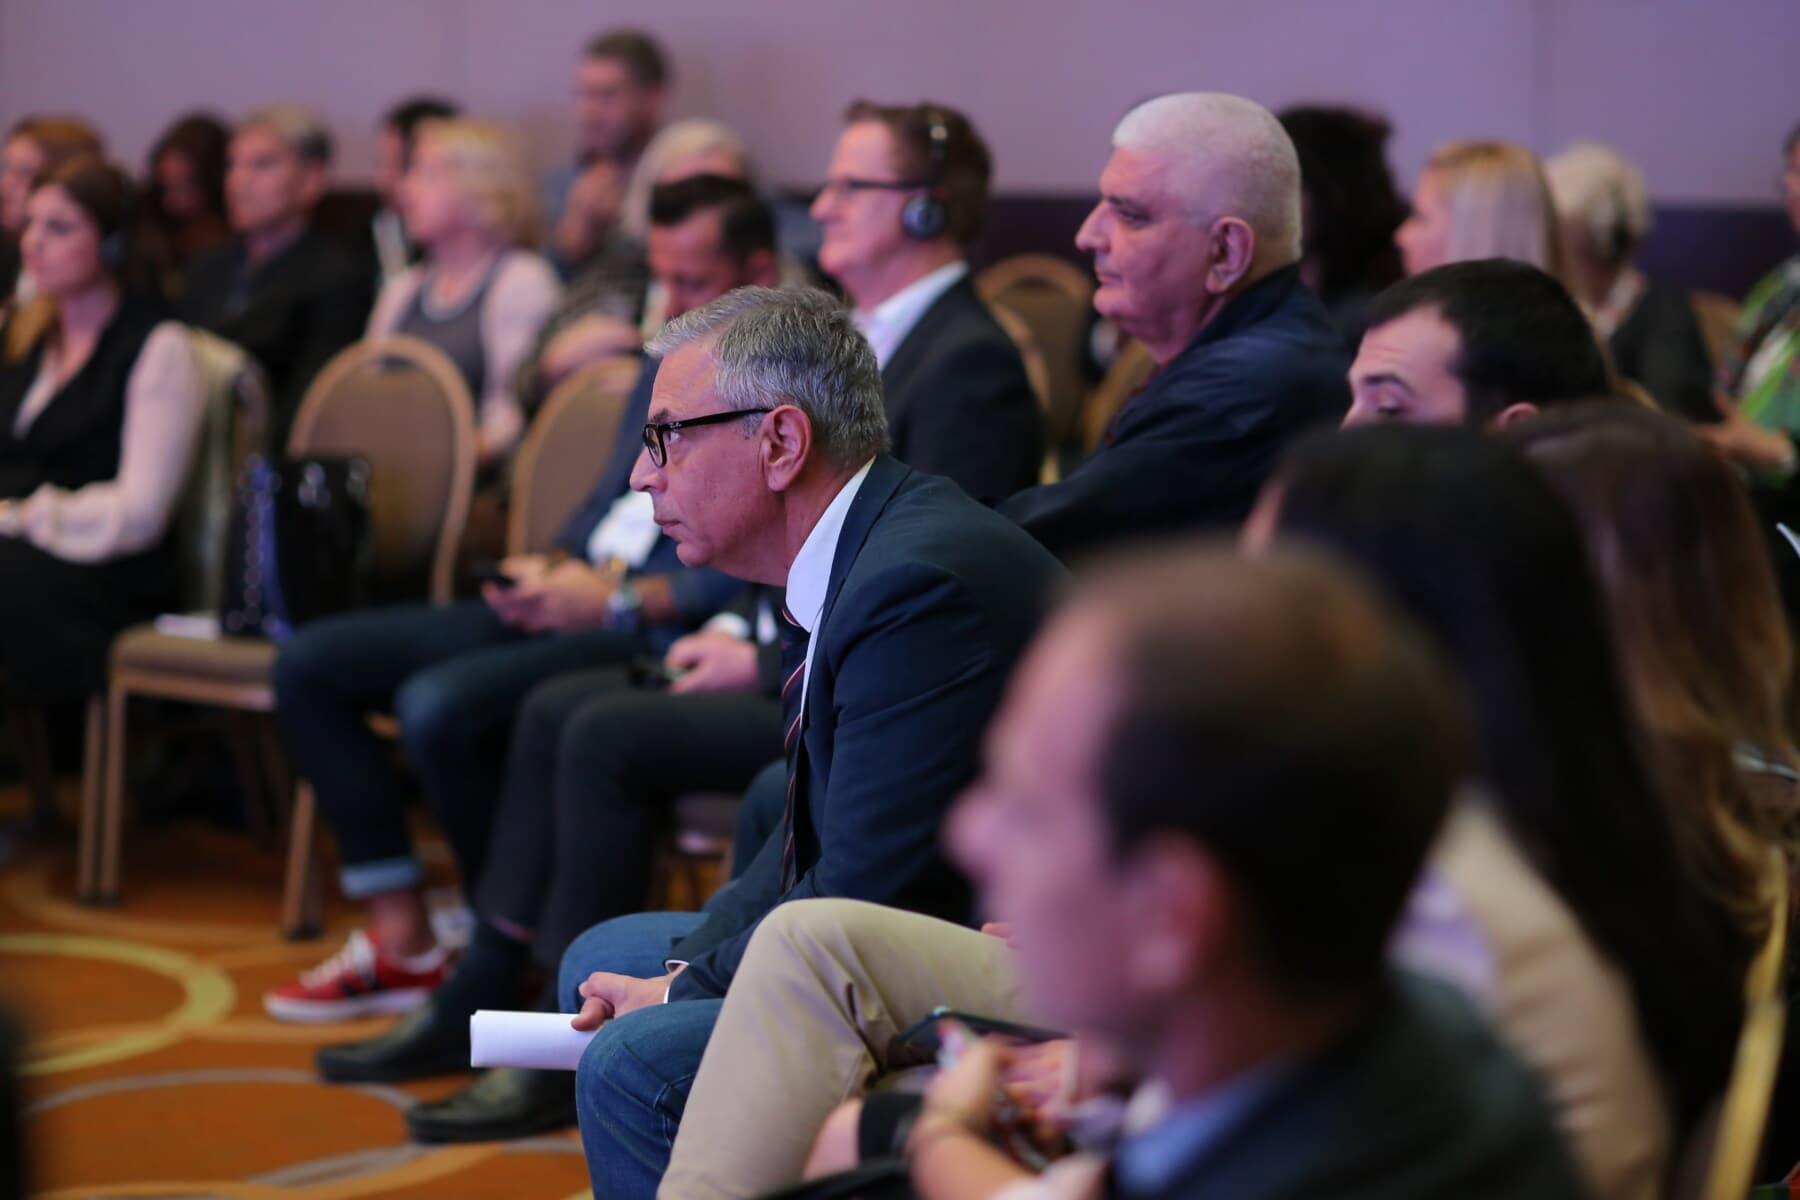 Gestionnaire, assis, Conférence, spectateur, public, Congrès, entreprise, personne, homme, réunion